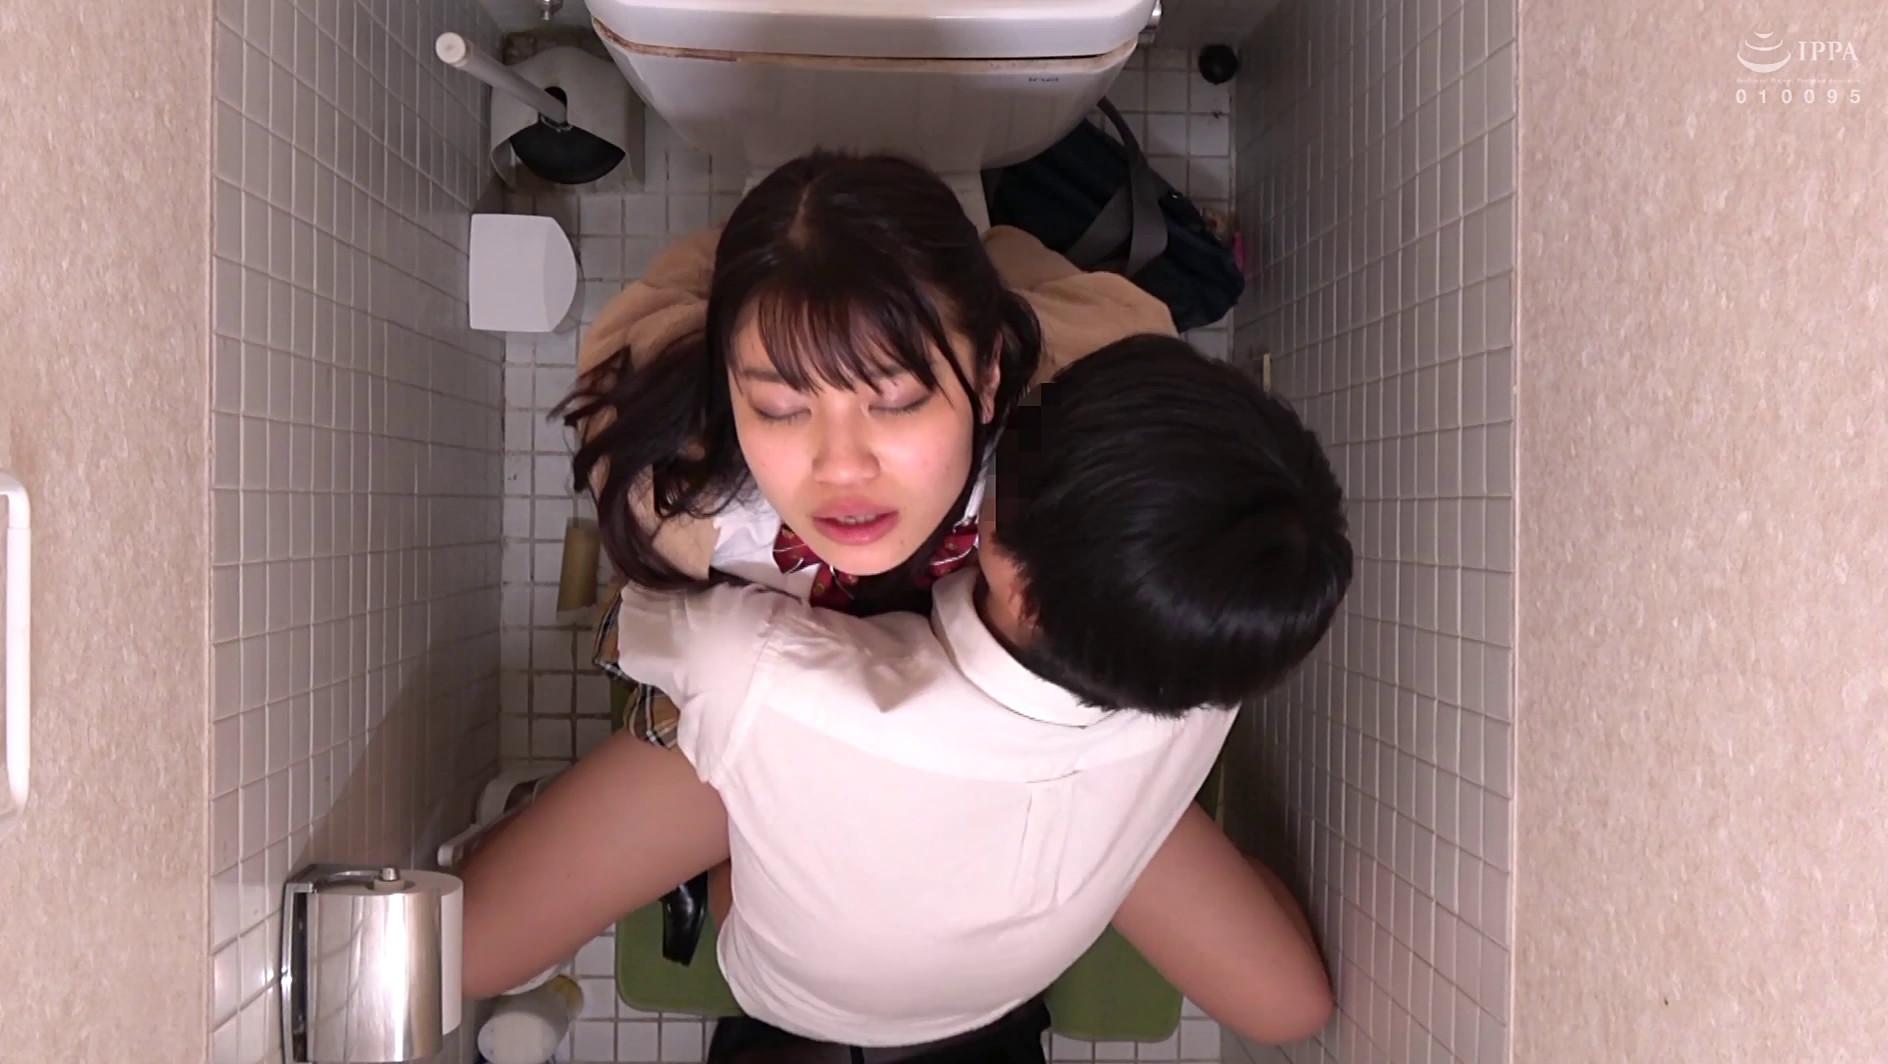 女子○生 トイレSEX盗撮 187分,のサンプル画像3